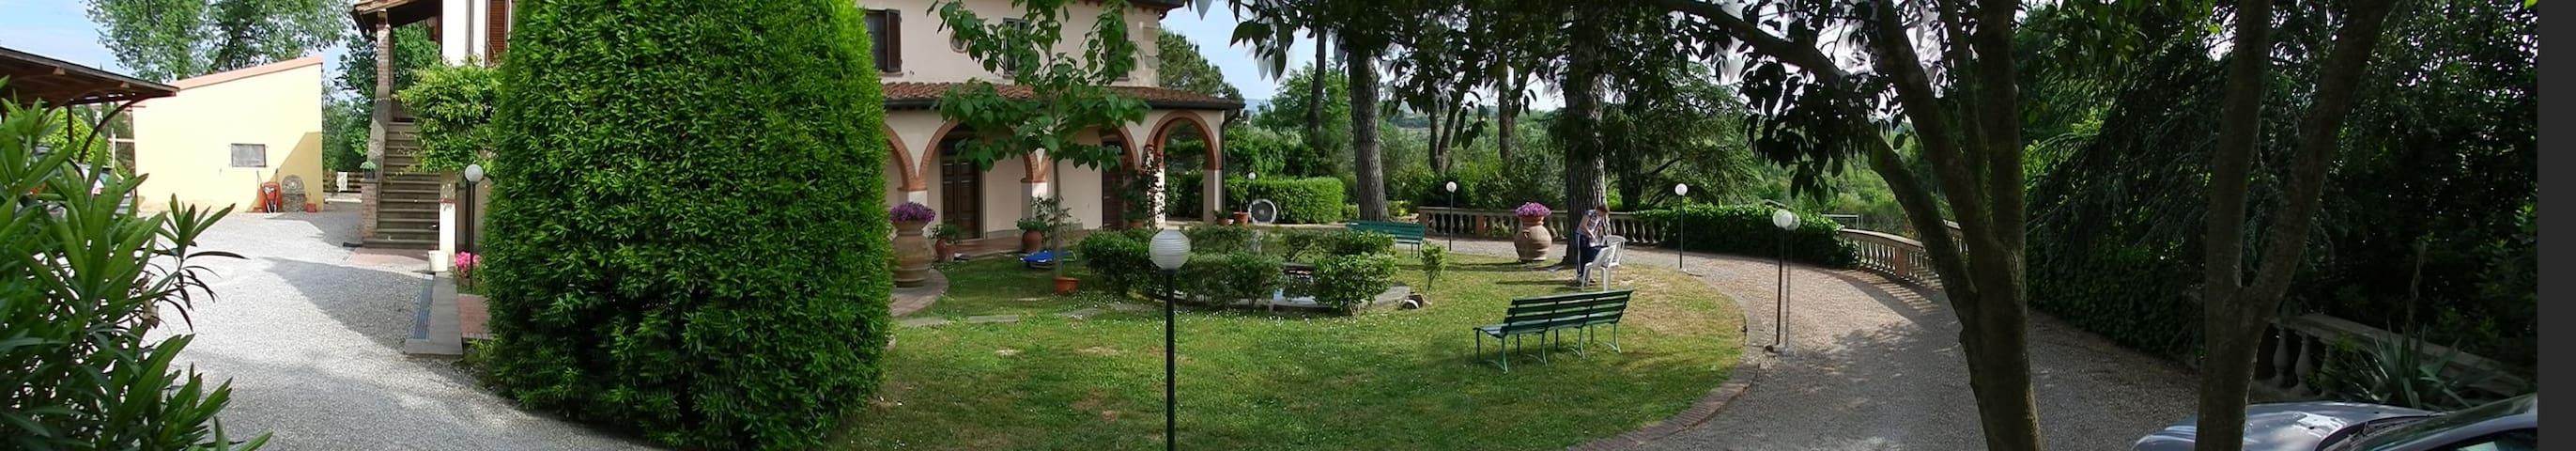 Villa Calabrò con parco e piscina - Lari - Wohnung